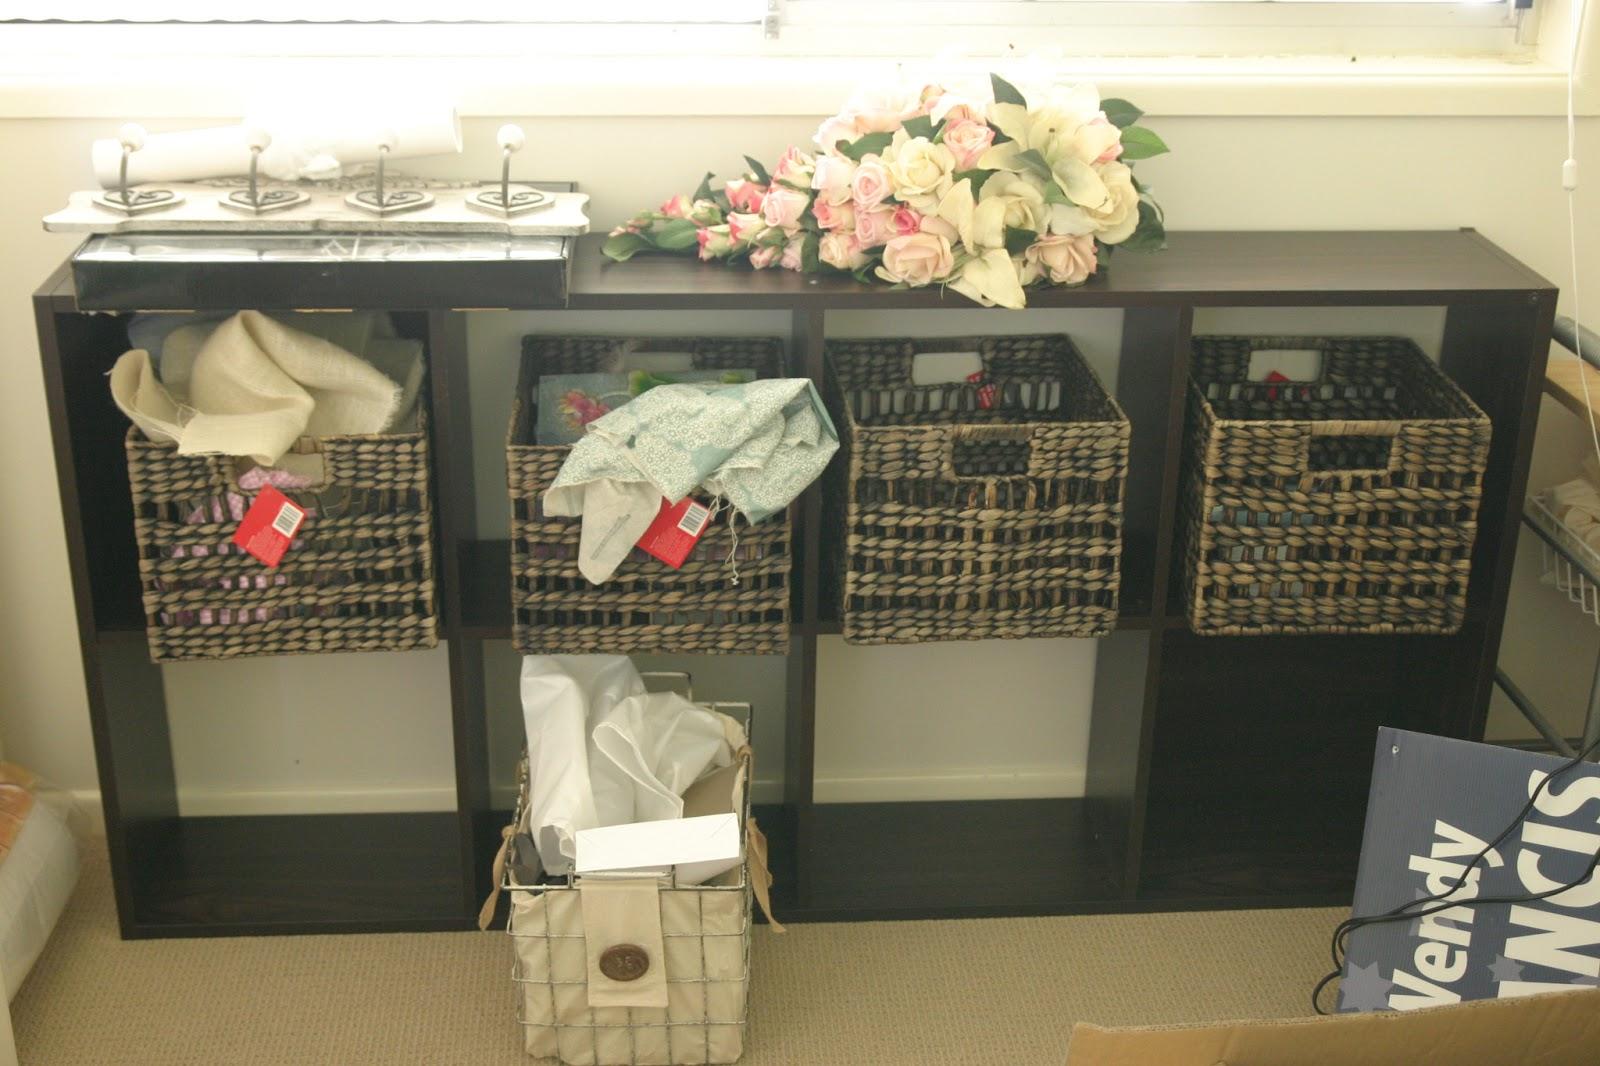 16 Cube Storage Unit.Cube Storage Unit. Black Wire Storage Cubes ...